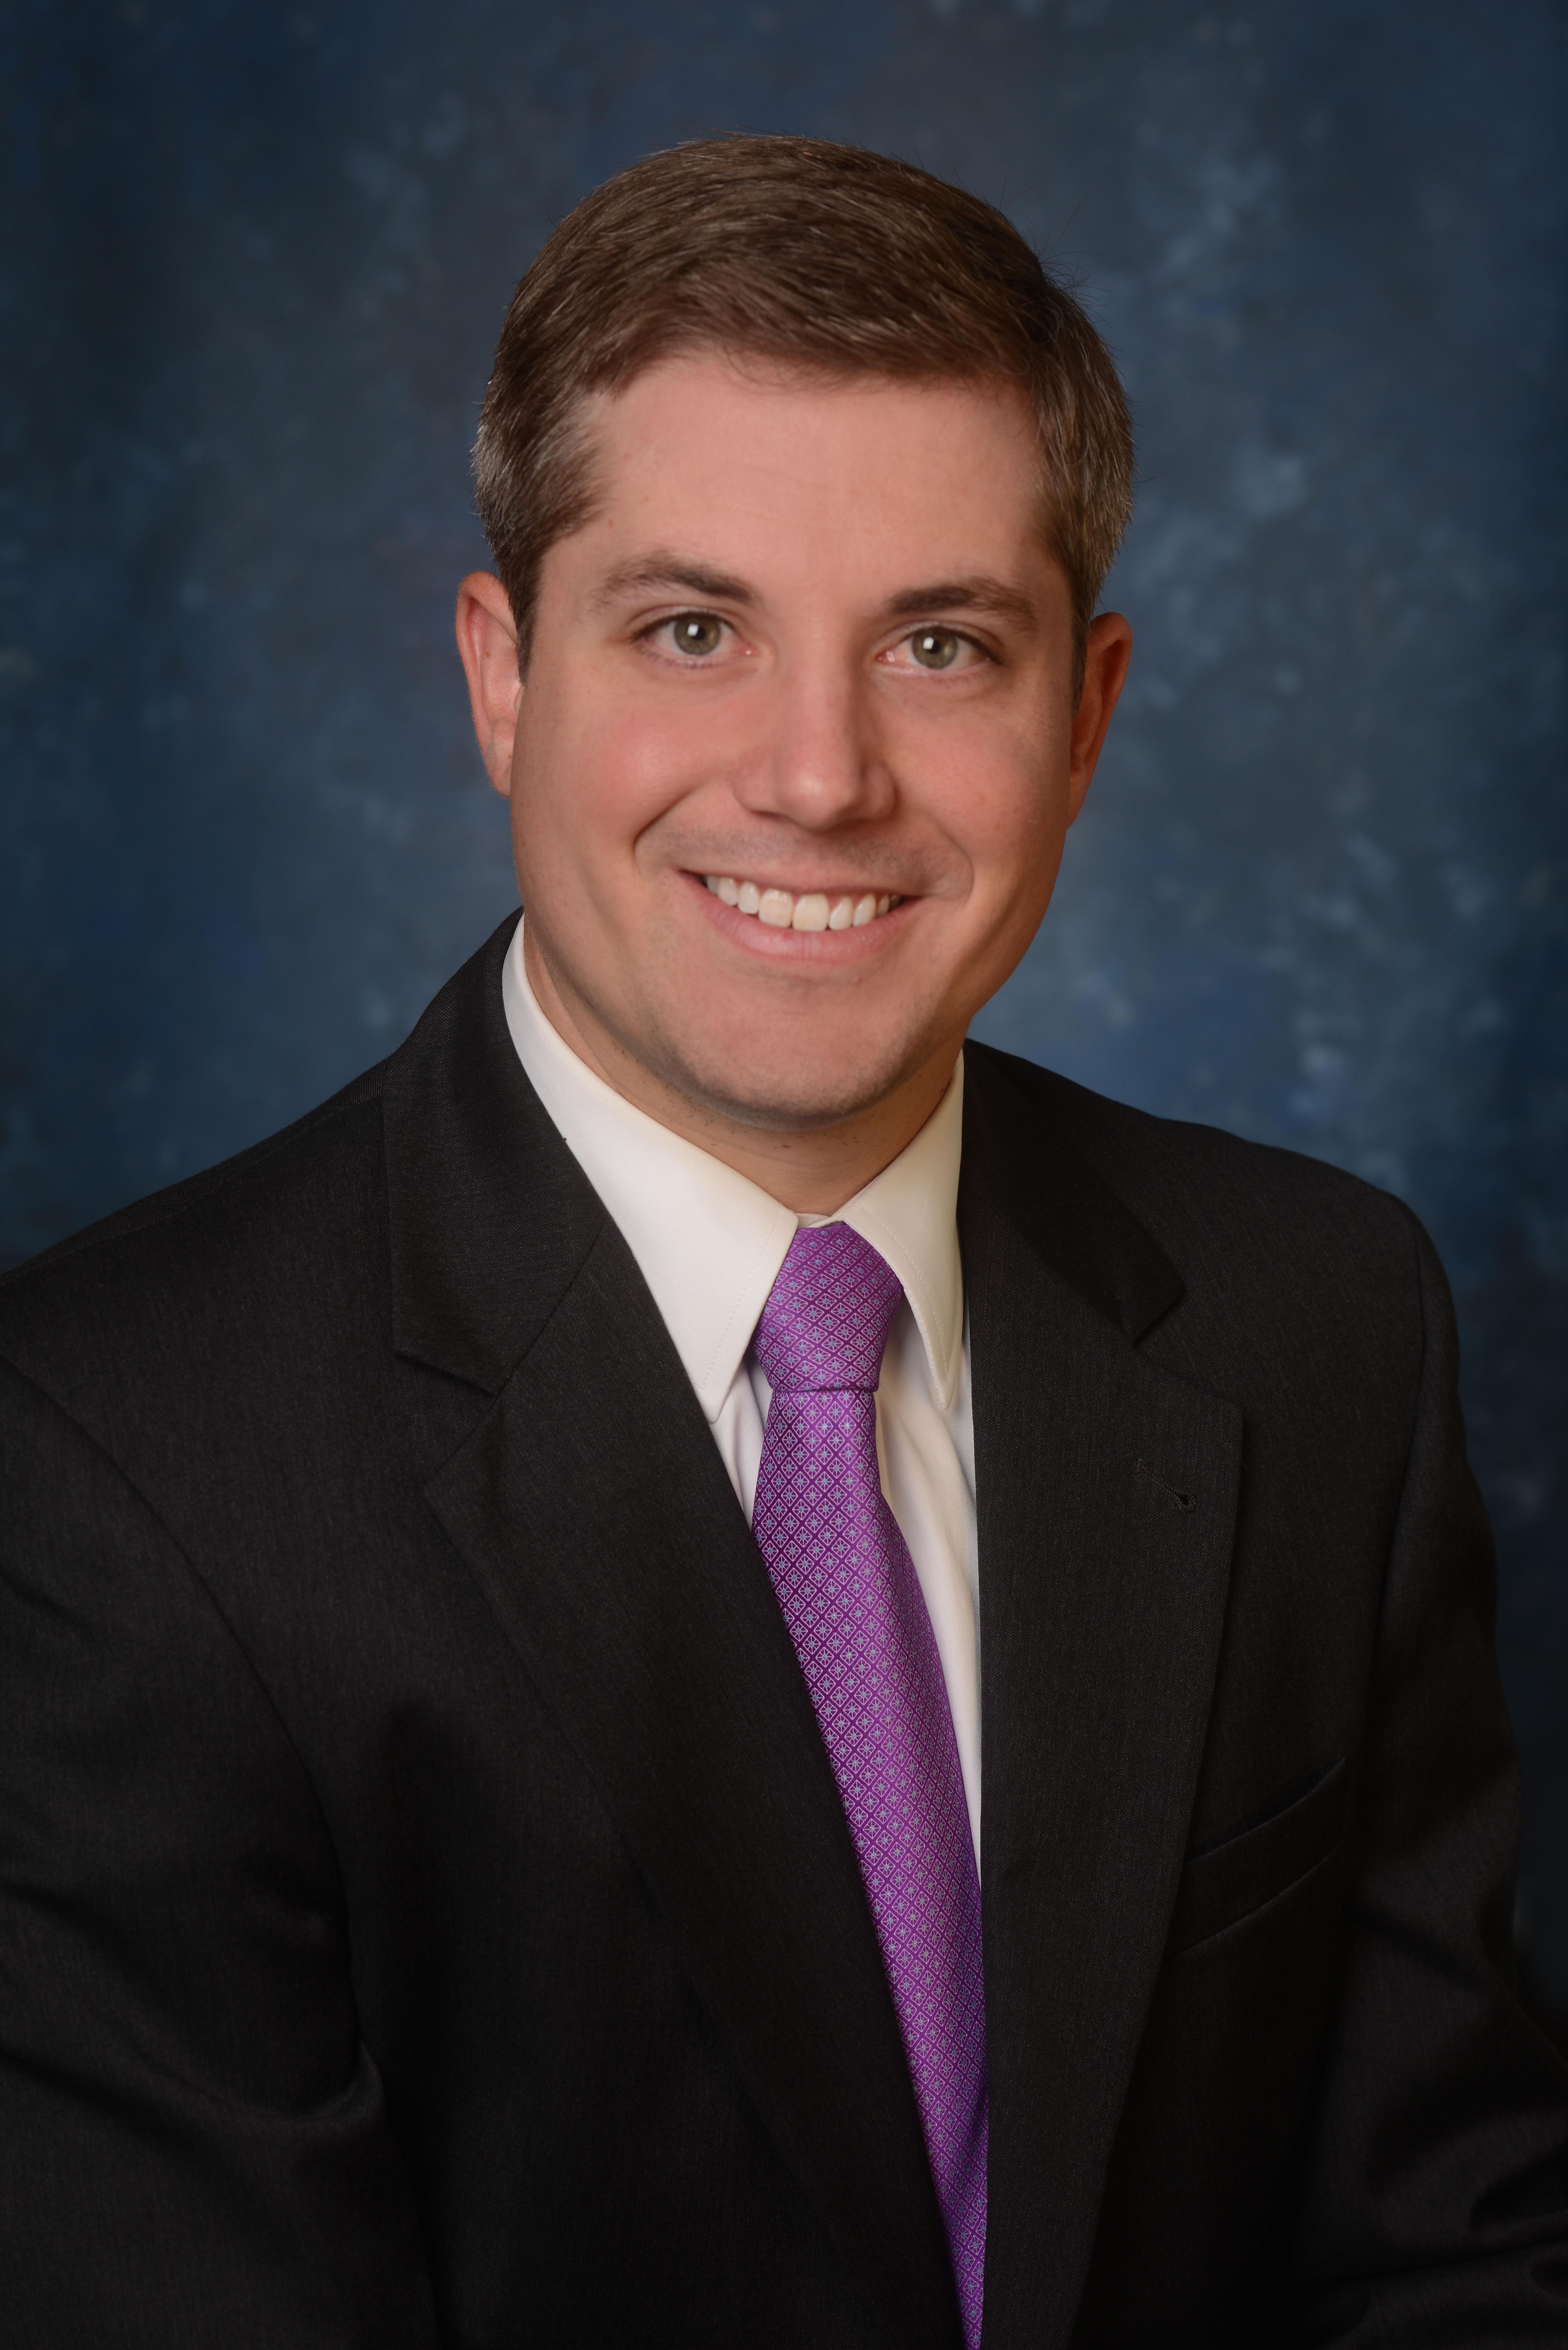 Jared Shelton